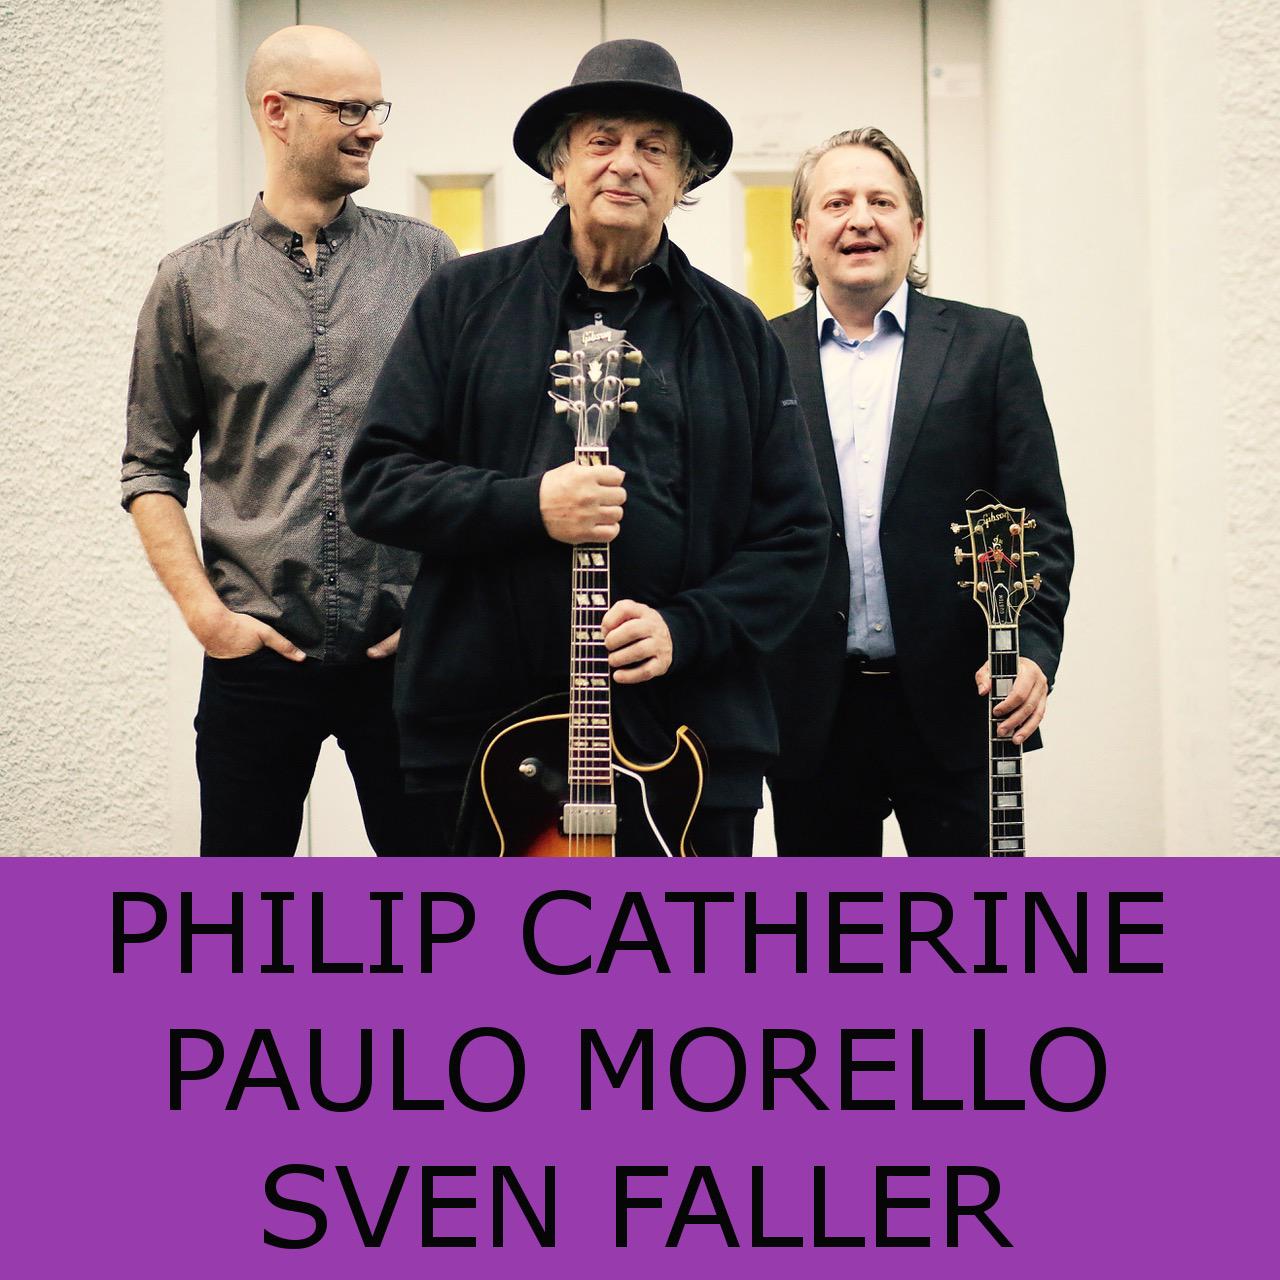 PHILIP CATHERINE /PAULO MORELLO /SVEN FALLER